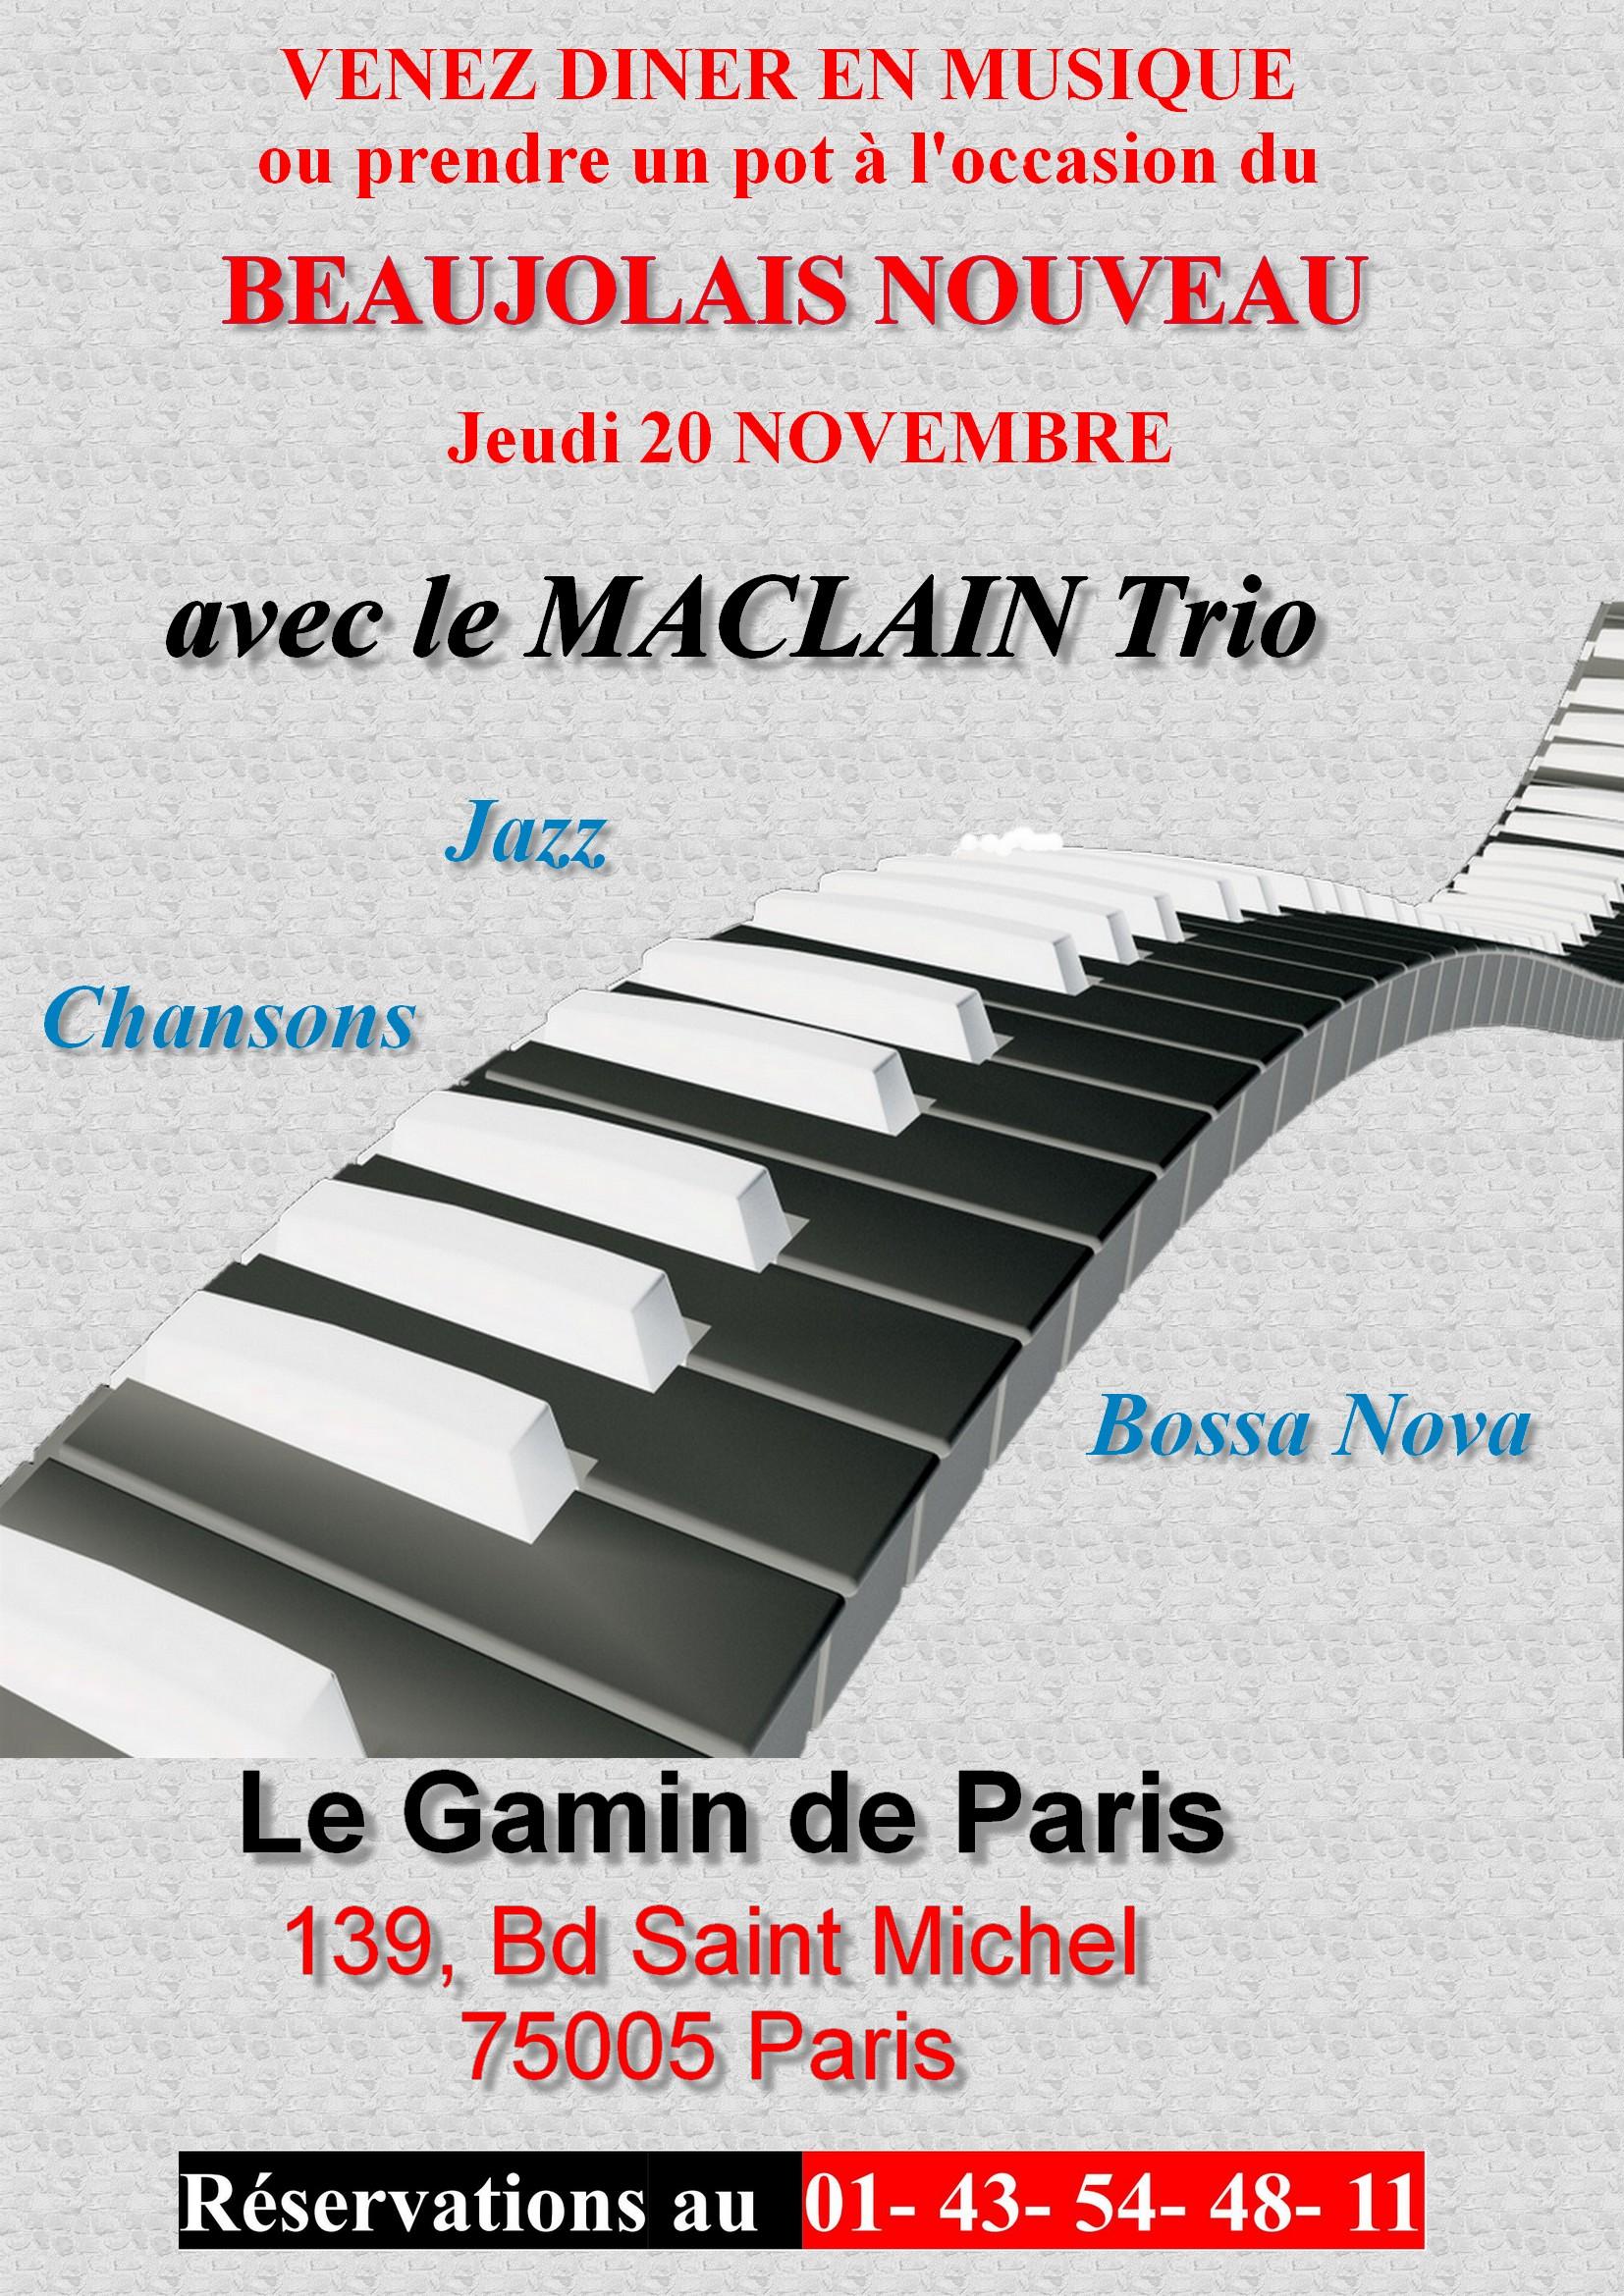 concert beaujolais nouveau 2014